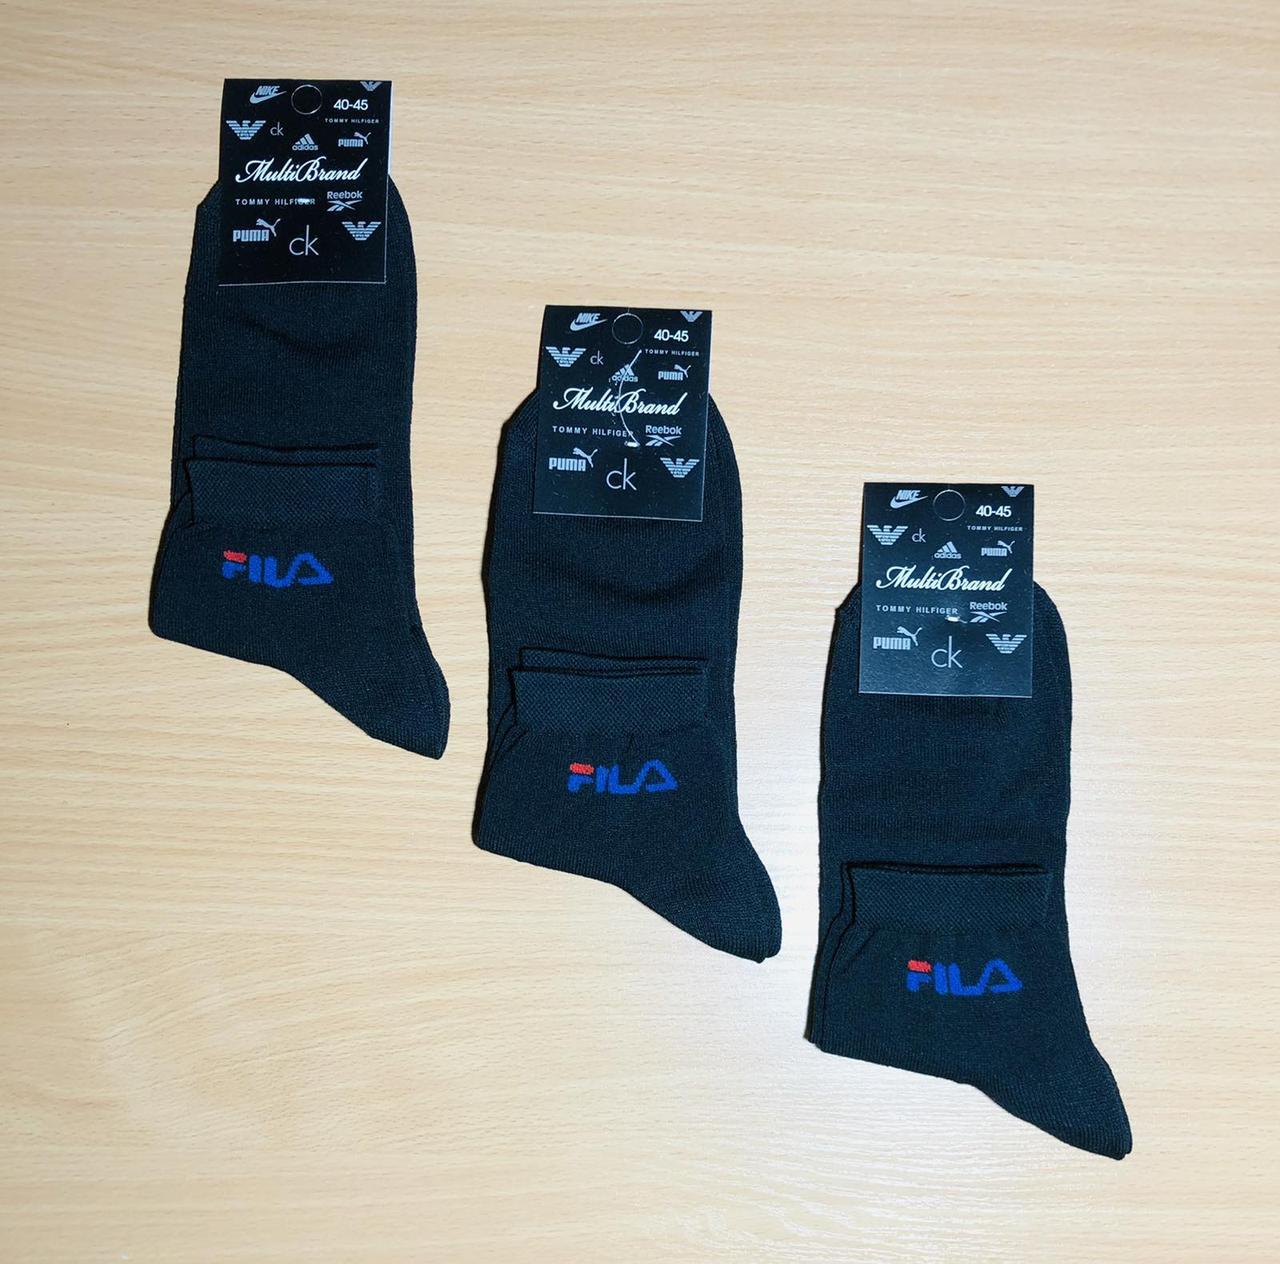 Шкарпетки спортивні демісезонні бавовна FILA розмір 41-45 асорті середні